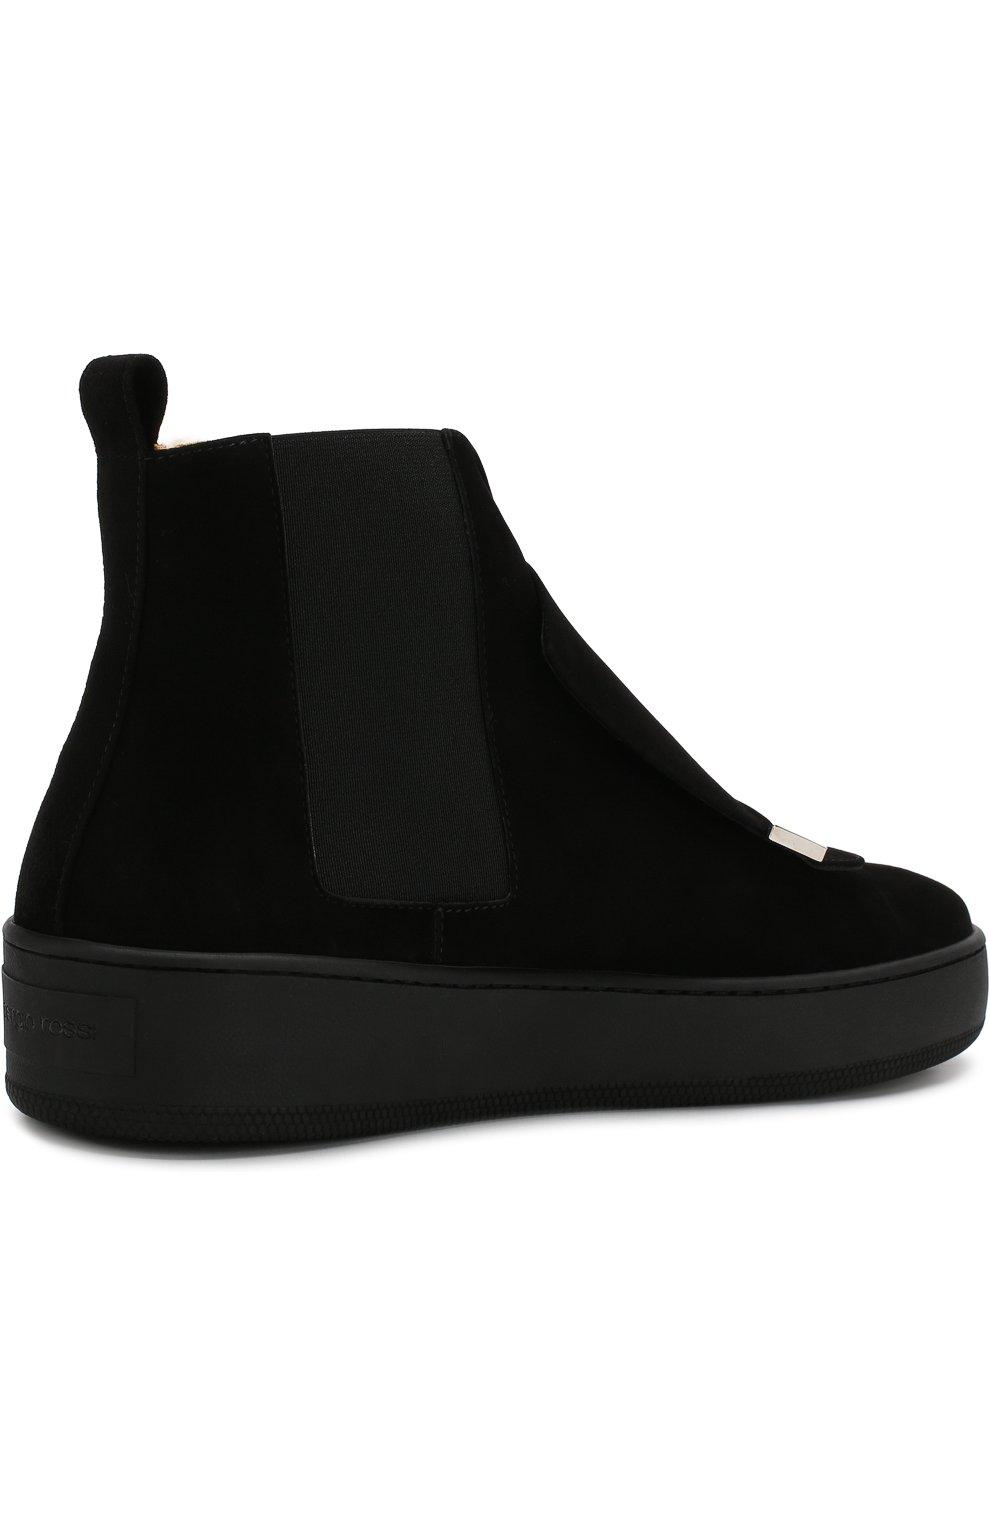 Женские замшевые ботинки с внутренней отделкой из овчины SERGIO ROSSI черного цвета, арт. A82050-MCAZ01   Фото 4